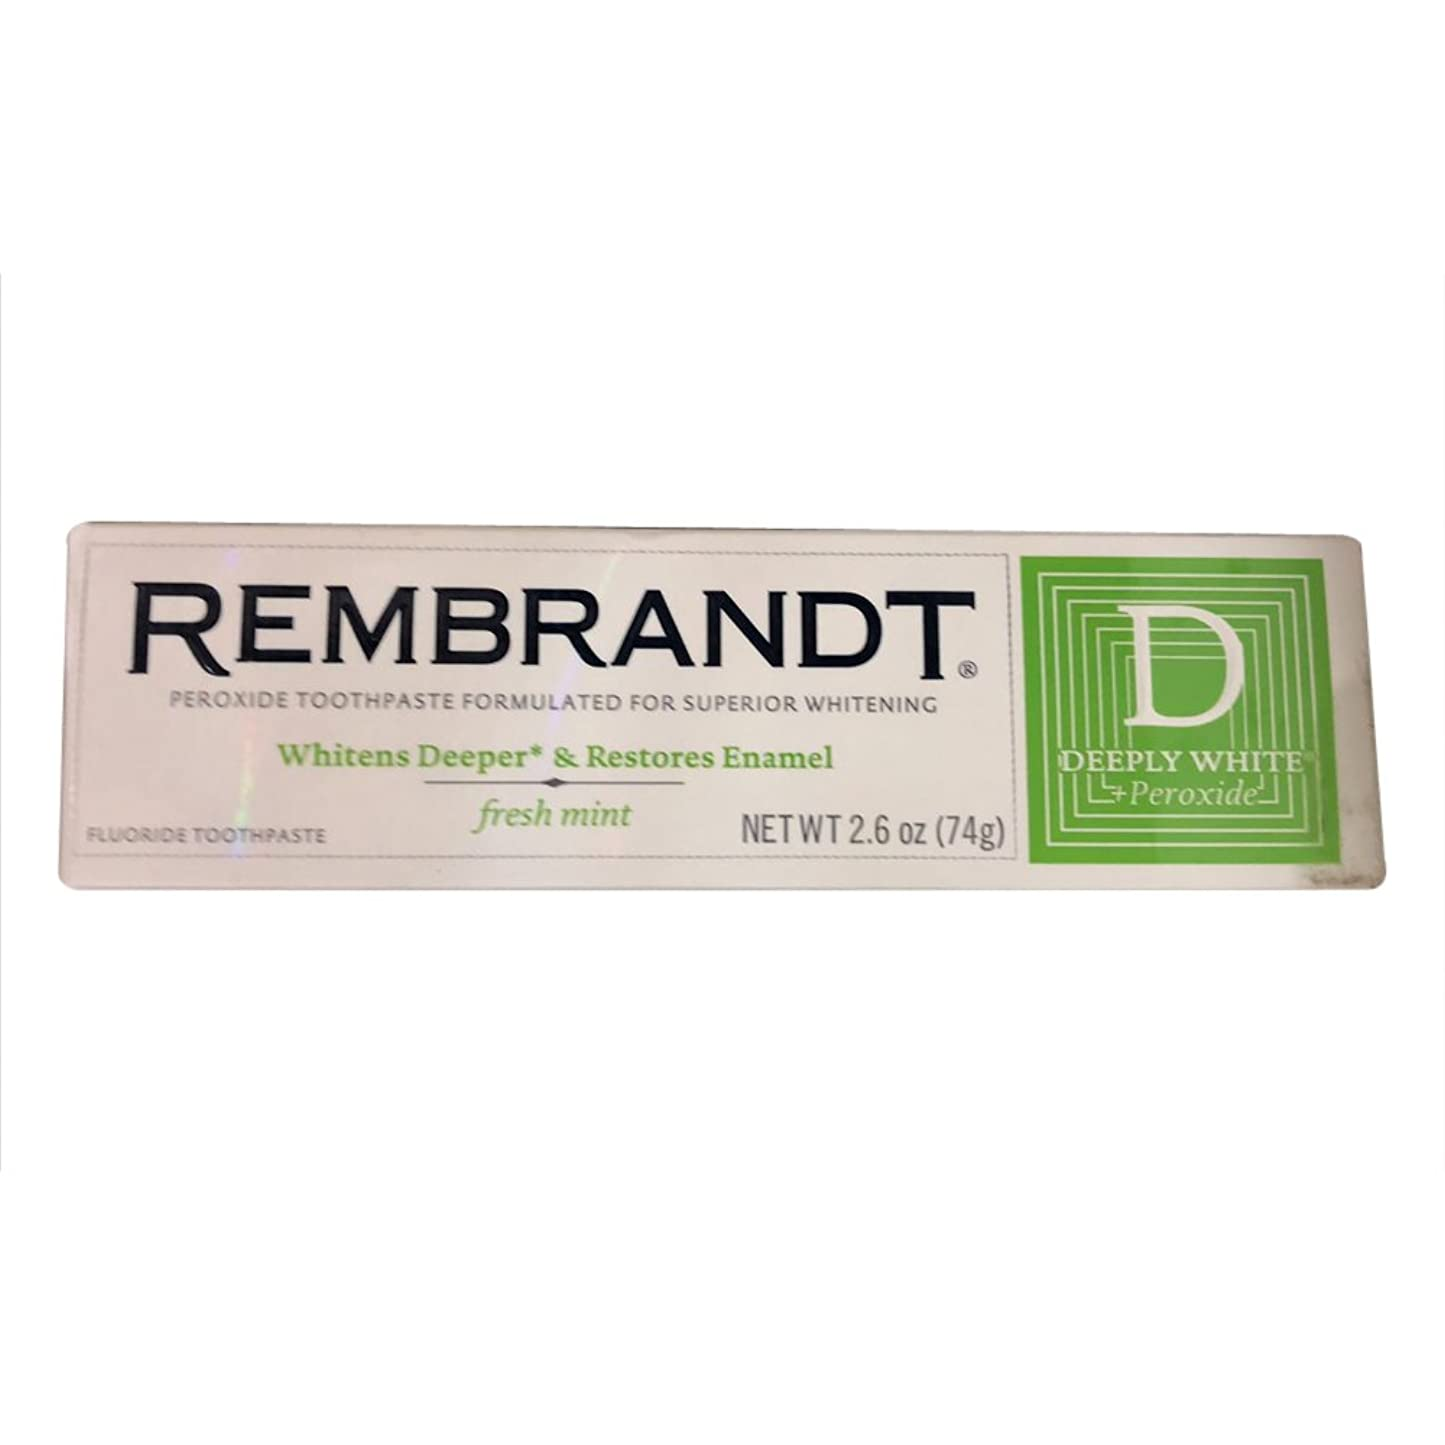 福祉薬理学ギャロップRembrandt プラス深くホワイトプラス過酸化フッ化物の歯磨き粉フレッシュミント、2.6オズ、(12パック) 12のパック